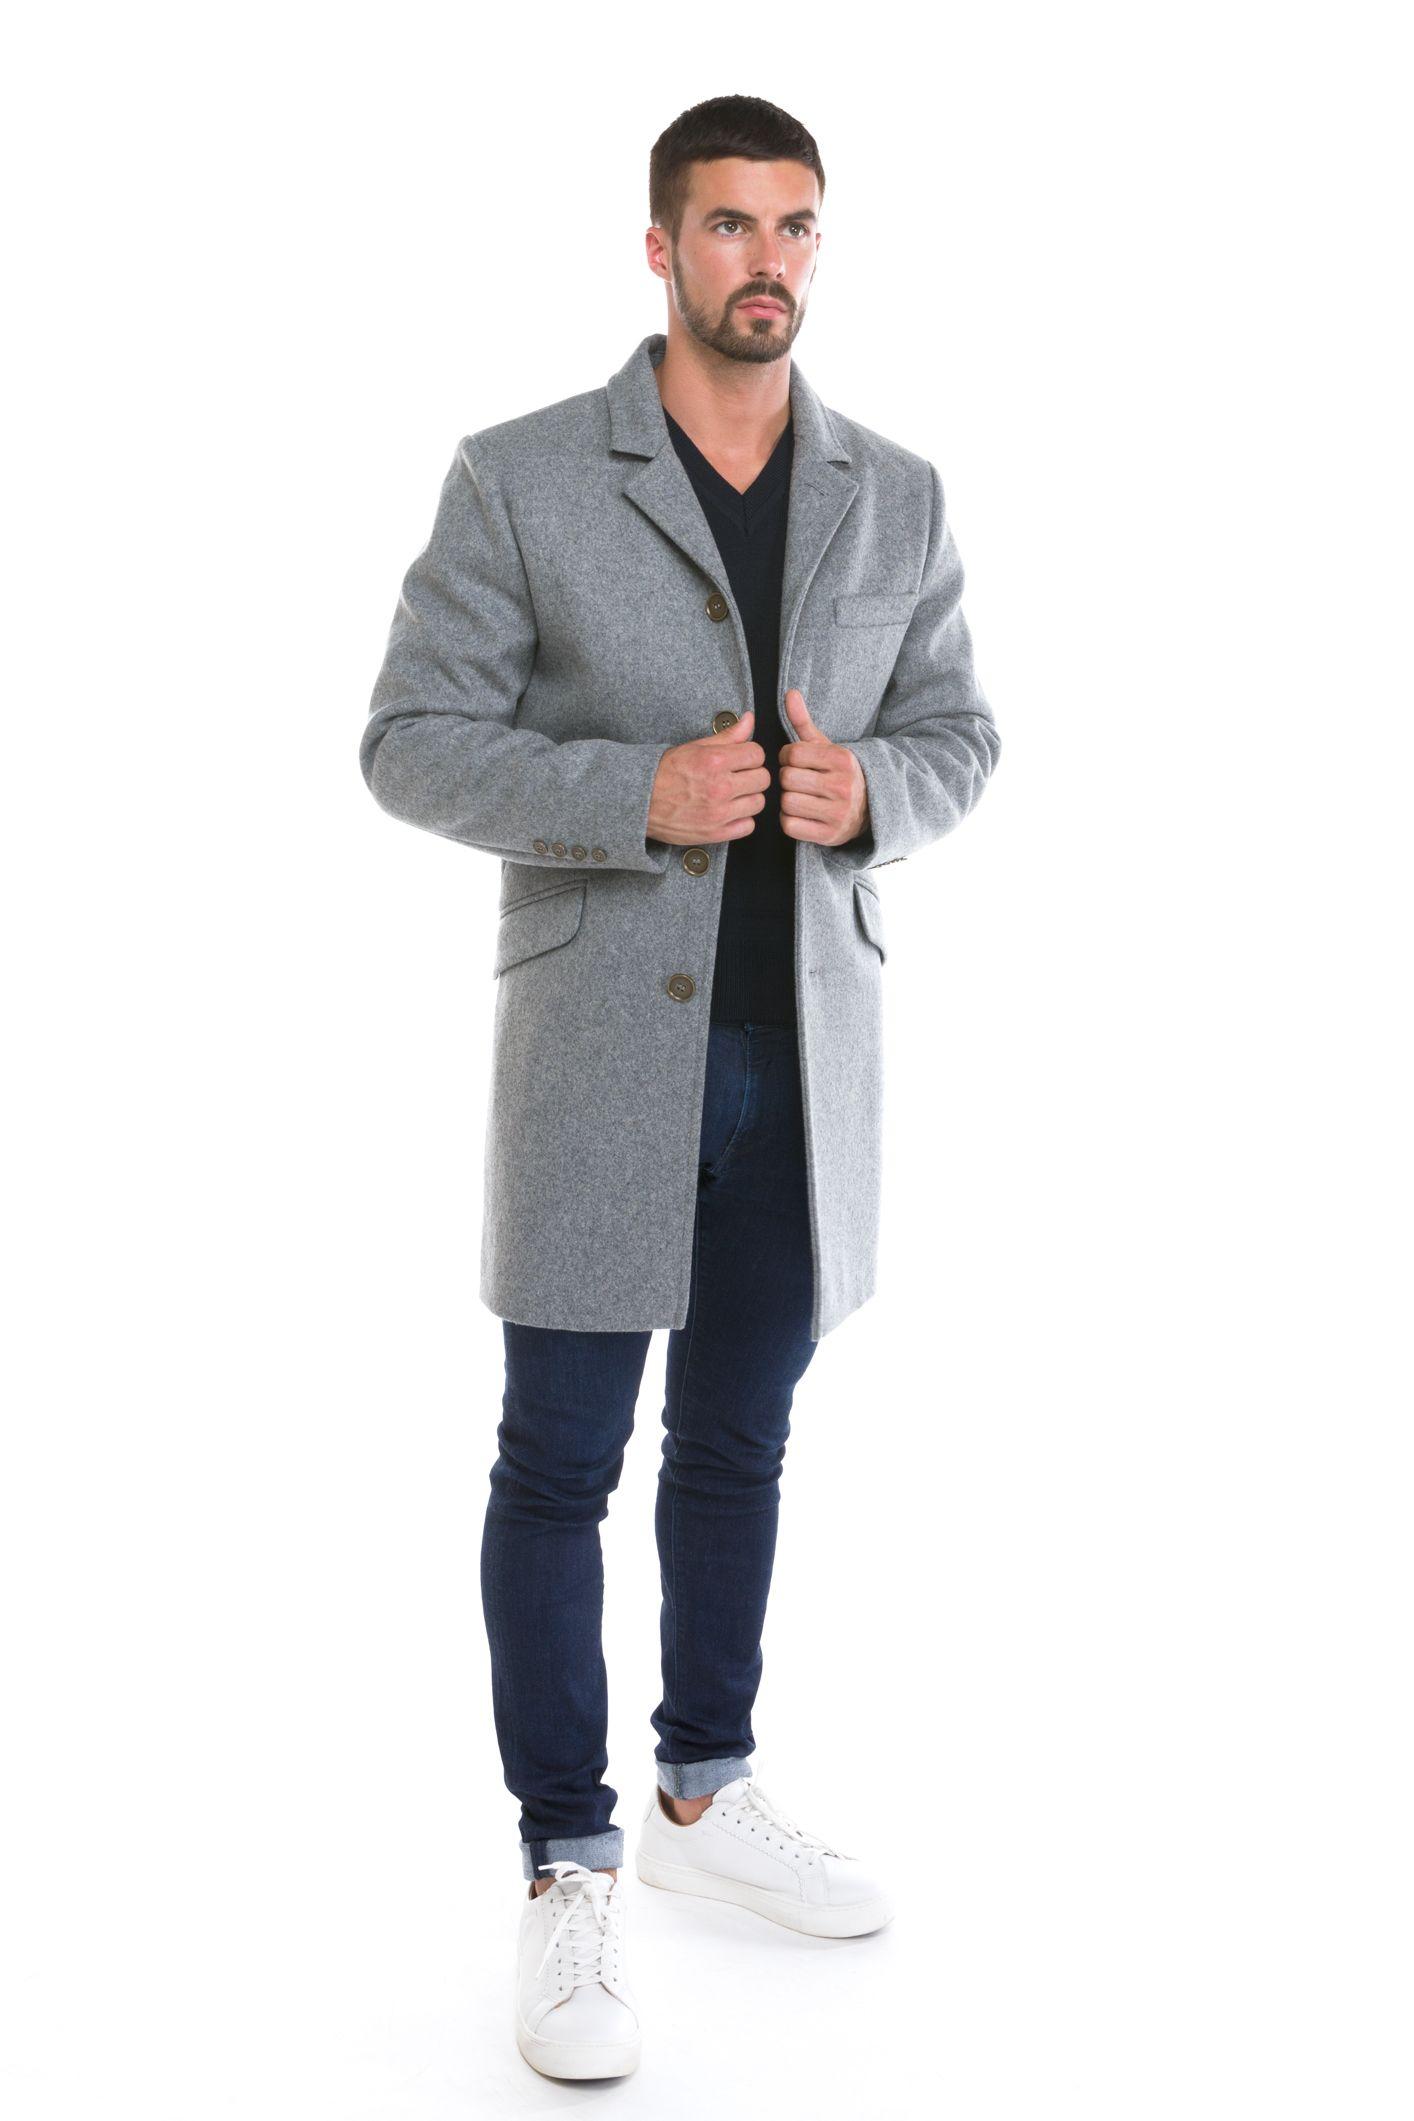 MENTON manteau homme laine imperméable La Maison du Caban